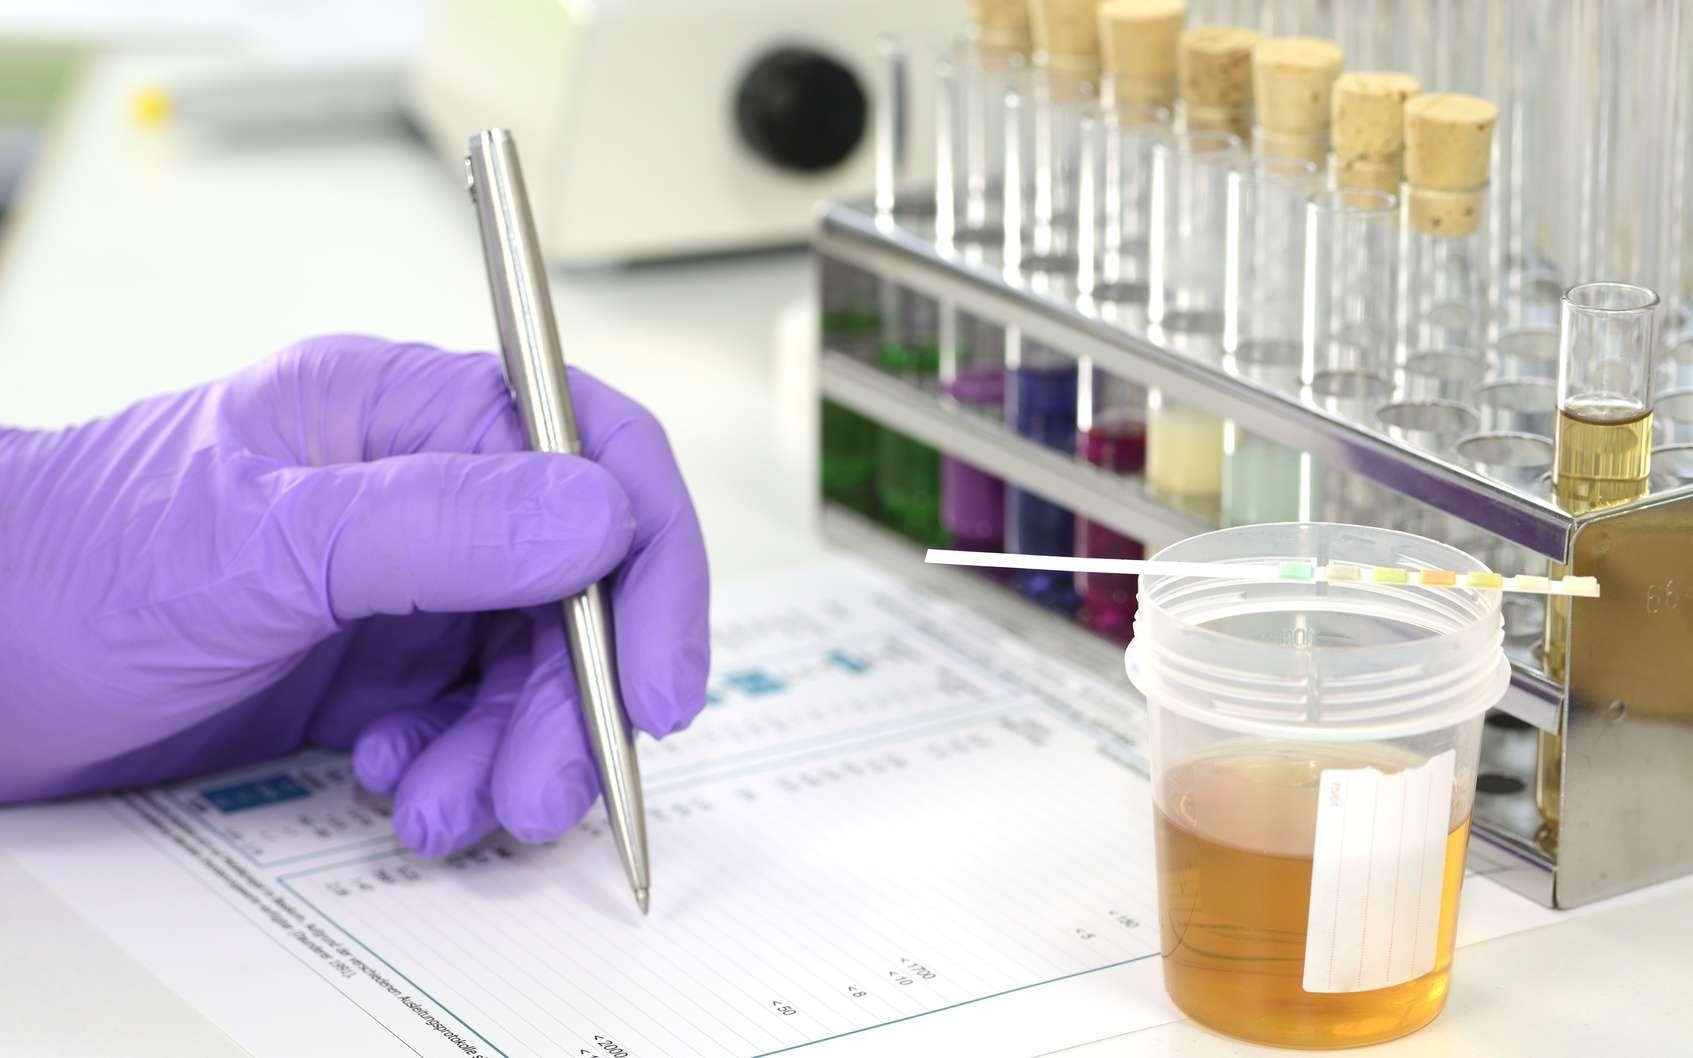 Le toxicologue analyse en laboratoire les conséquences des effets nocifs de substances toxiques sur la santé humaine. © Gerhard Seybert, Fotolia.